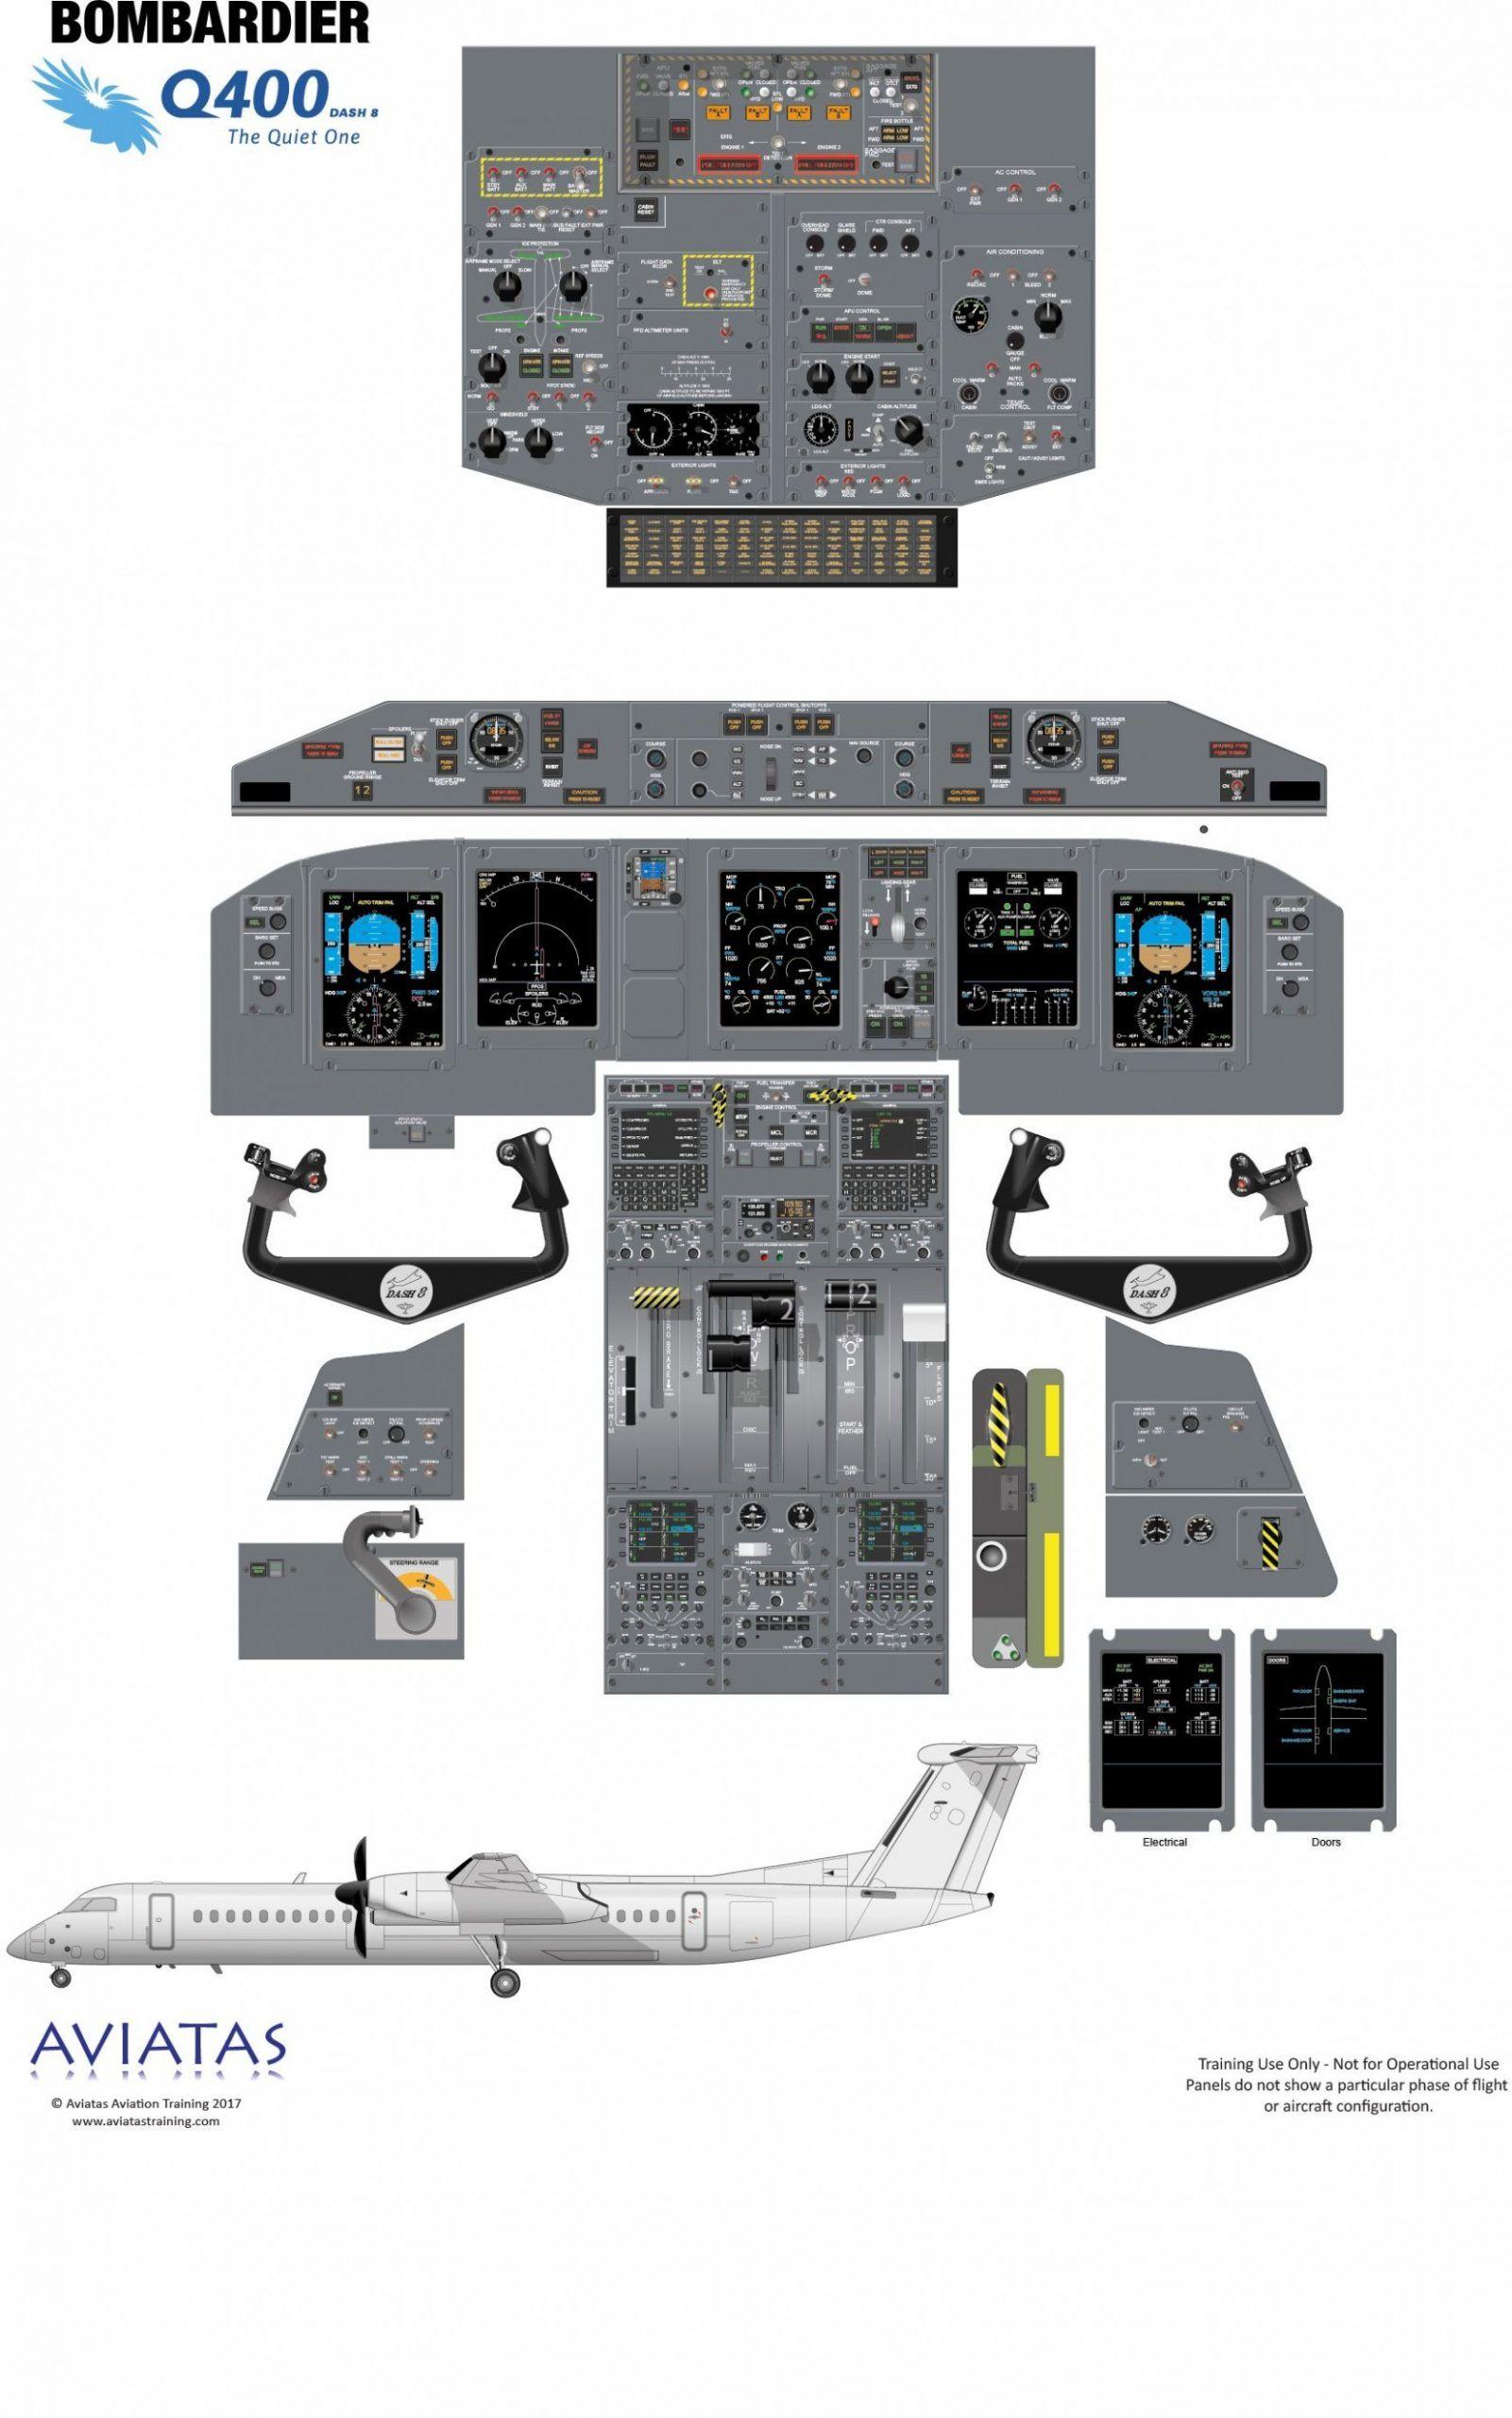 bombardier engine diagram q7 engine diagram pdf q7 engine diagram pdf q400 engine diagram  q7 engine diagram pdf q7 engine diagram